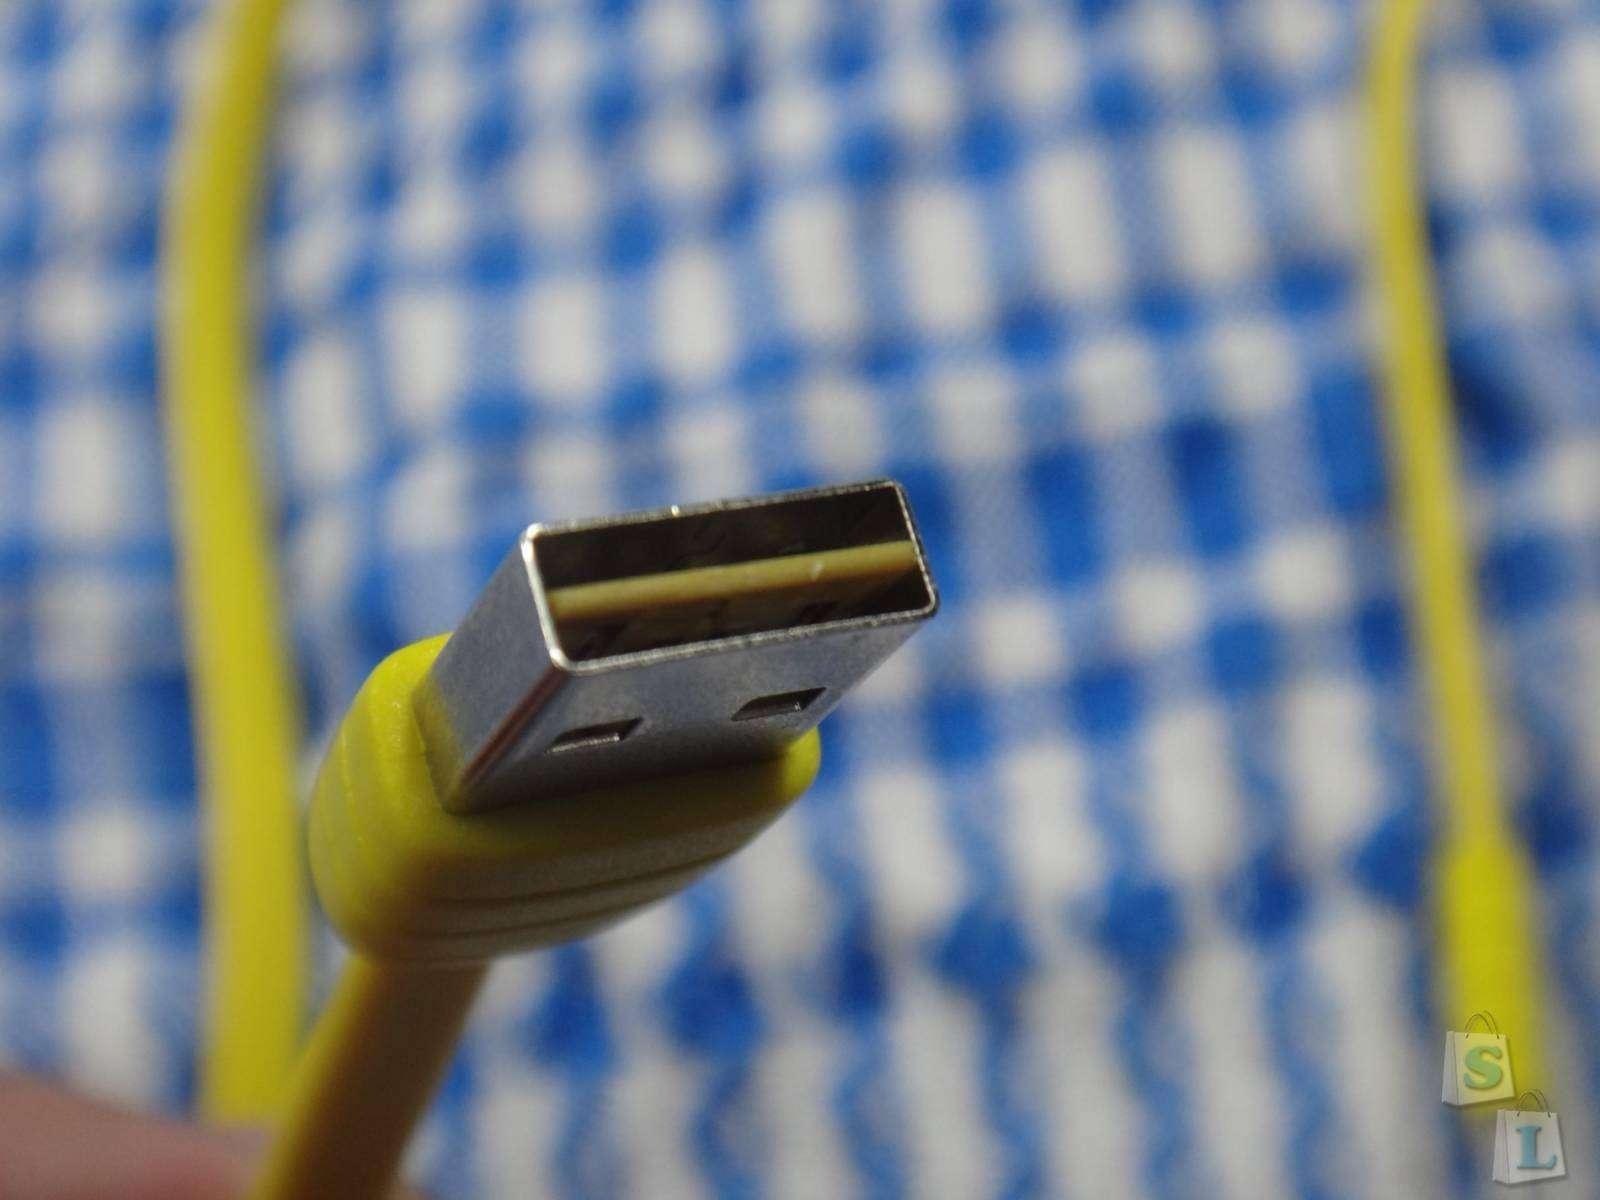 Banggood: Обзор USB - microUSB кабеля REMAX Dream 2.1A Quick Charging - 1 метр